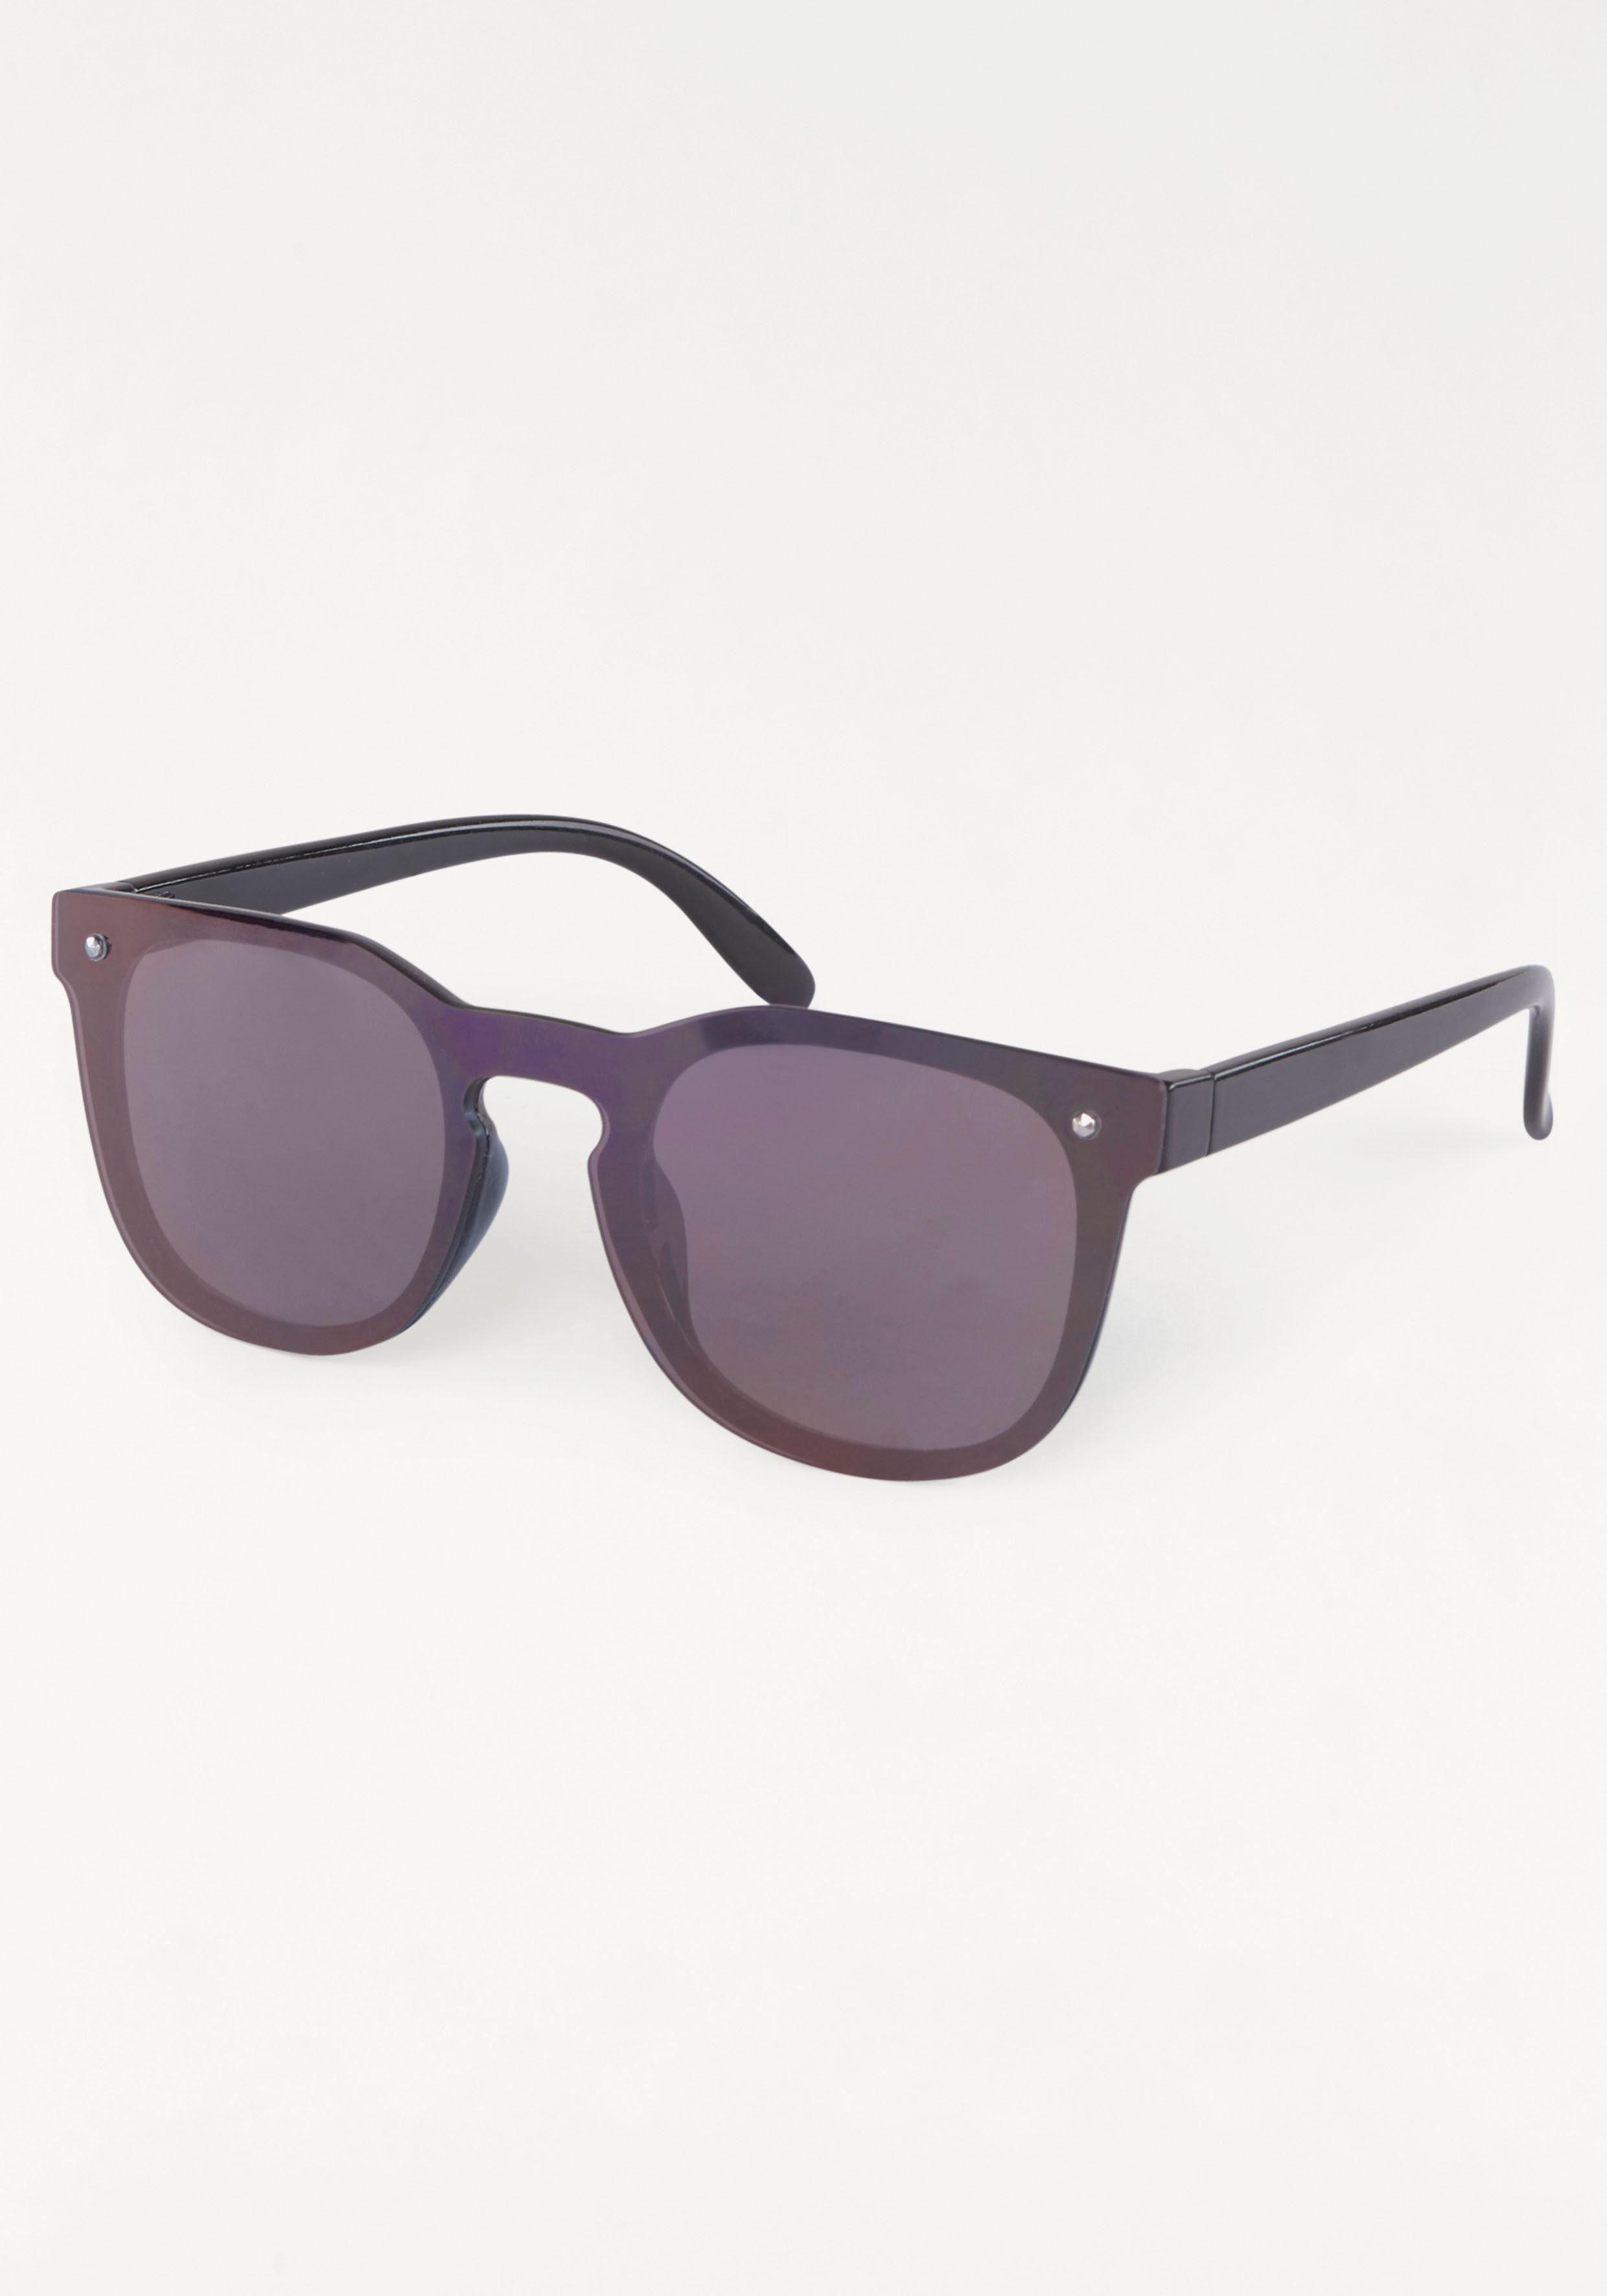 Sonnenbrille Verspiegelte Gläser, Vollrand, Wayfarer Look